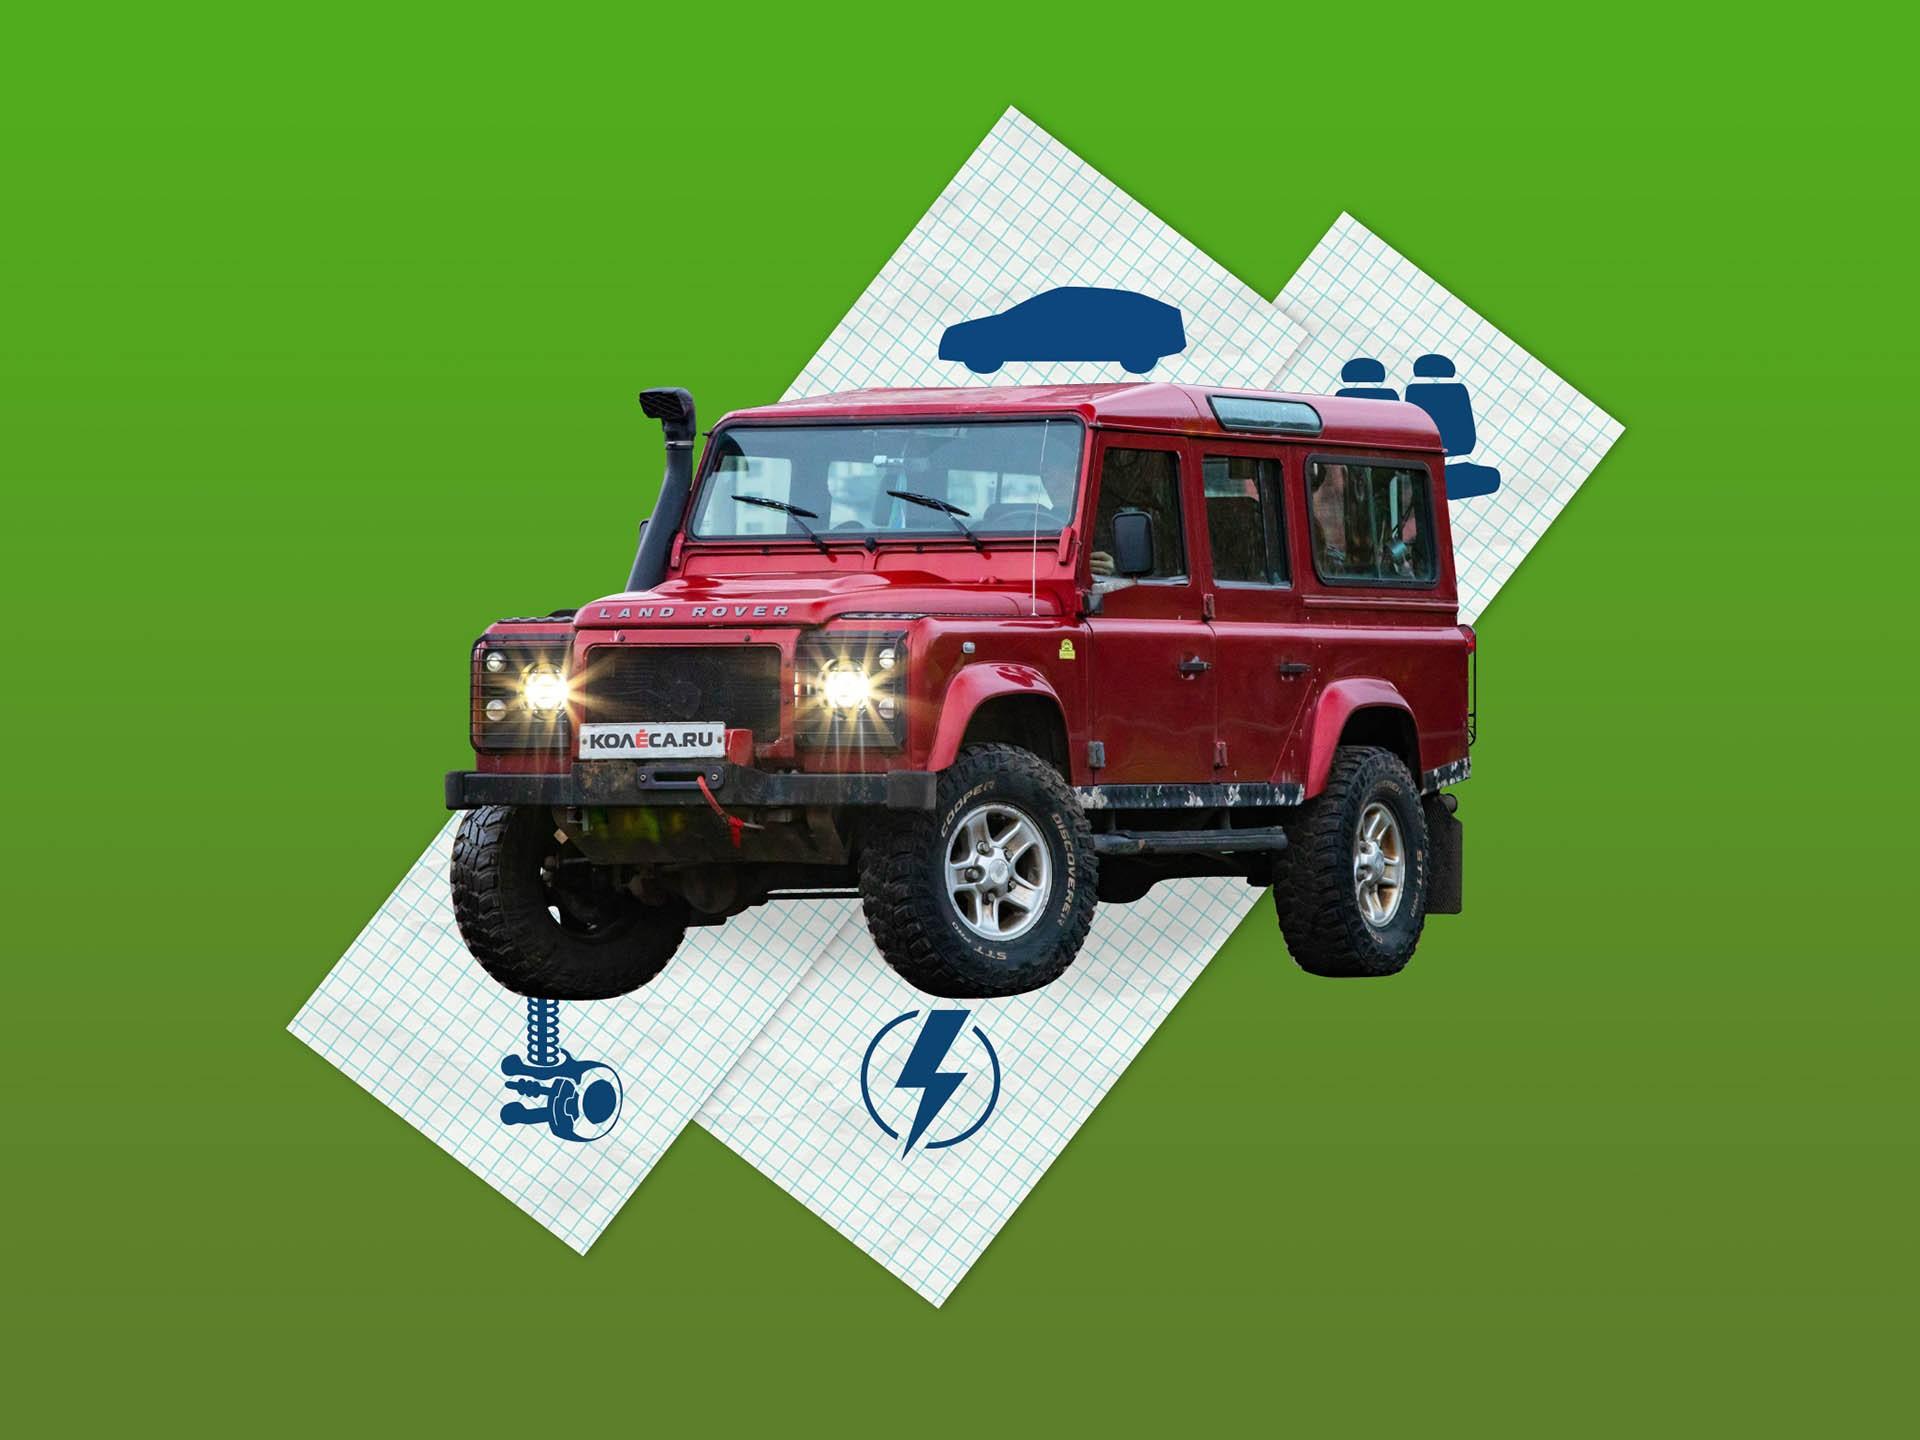 Land Rover Defender с пробегом: кузов негерметичен, алюминий гниёт, зато электрика простая